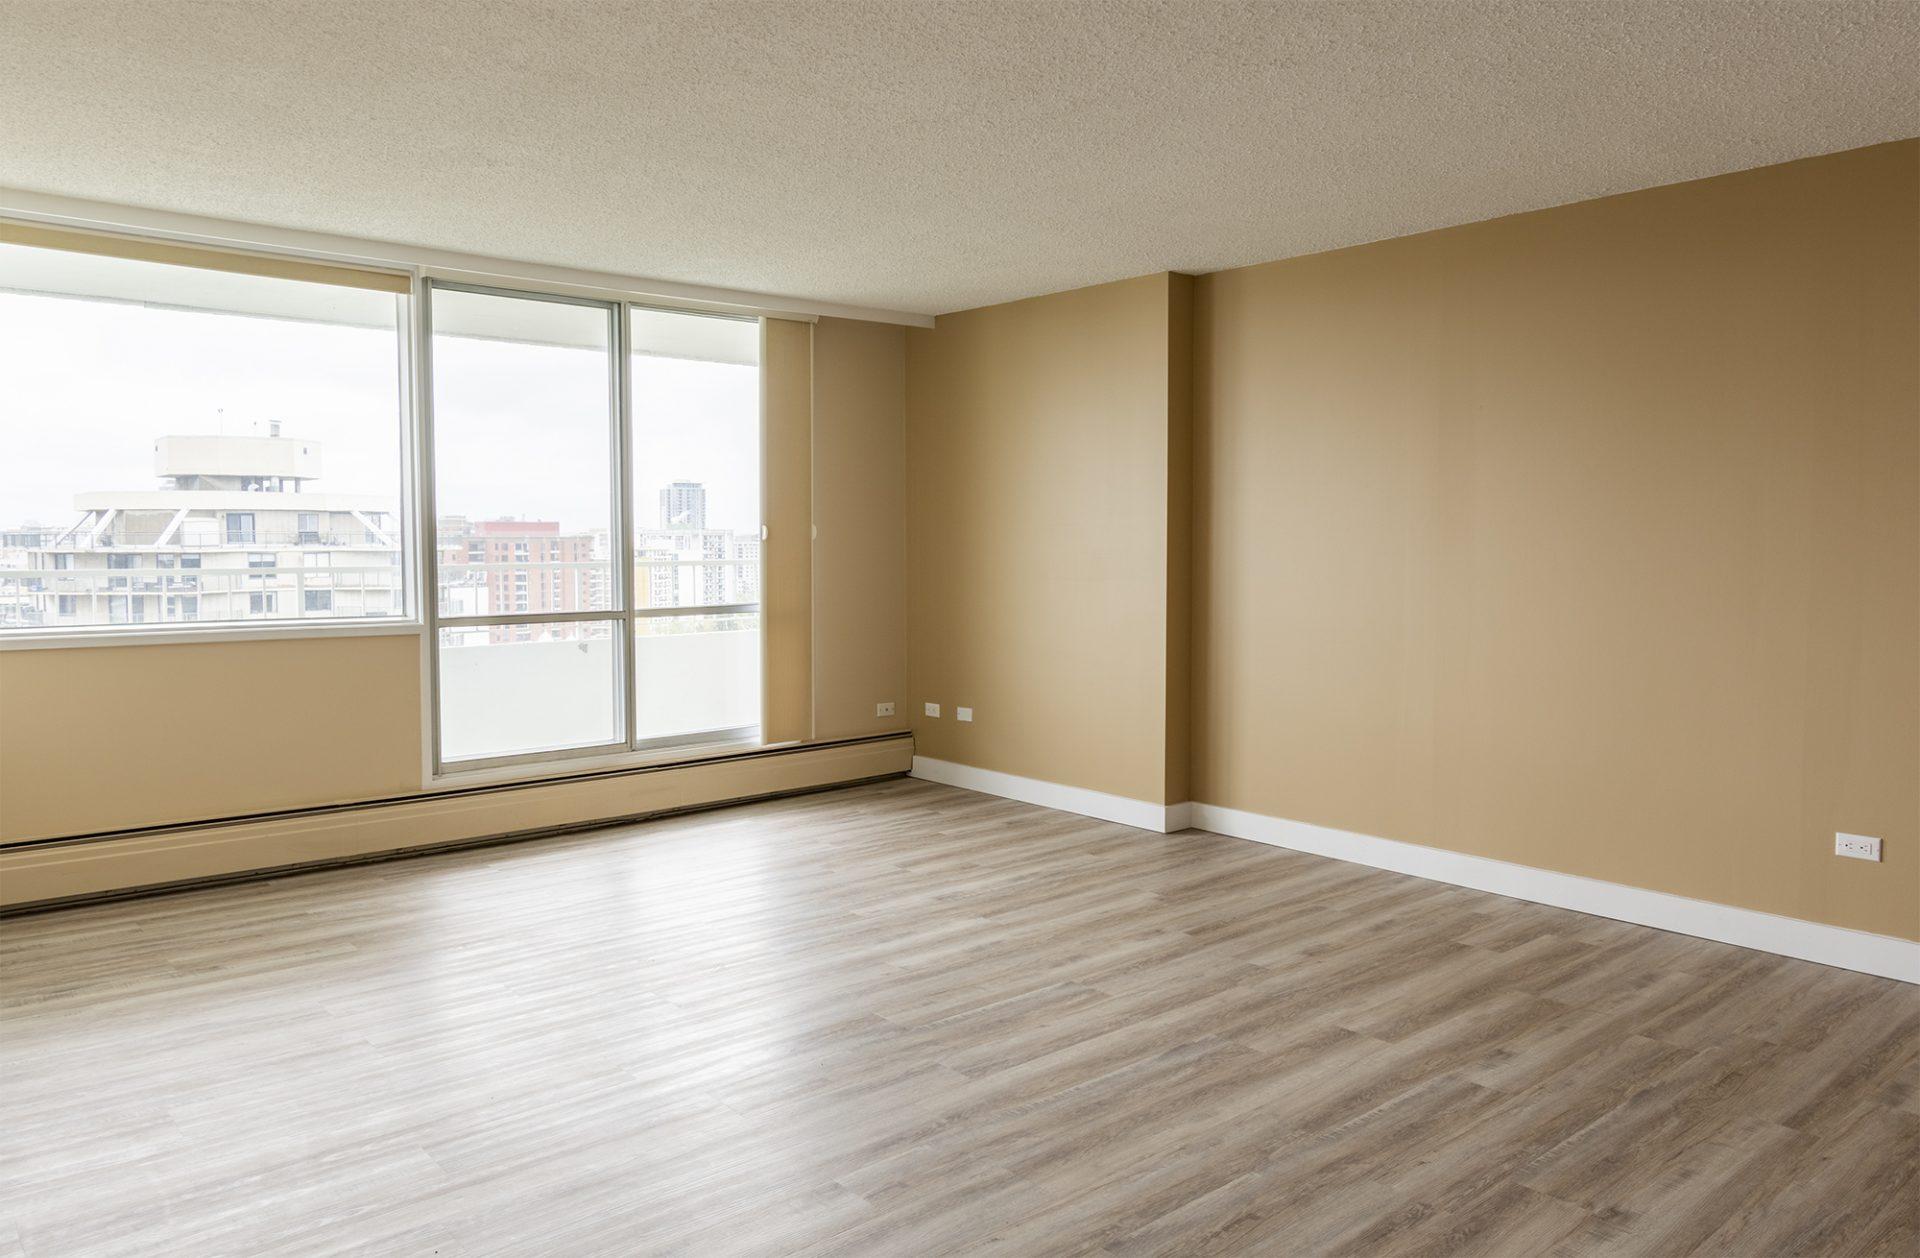 MHA_Mayflower_2020_Elite Living Room_3